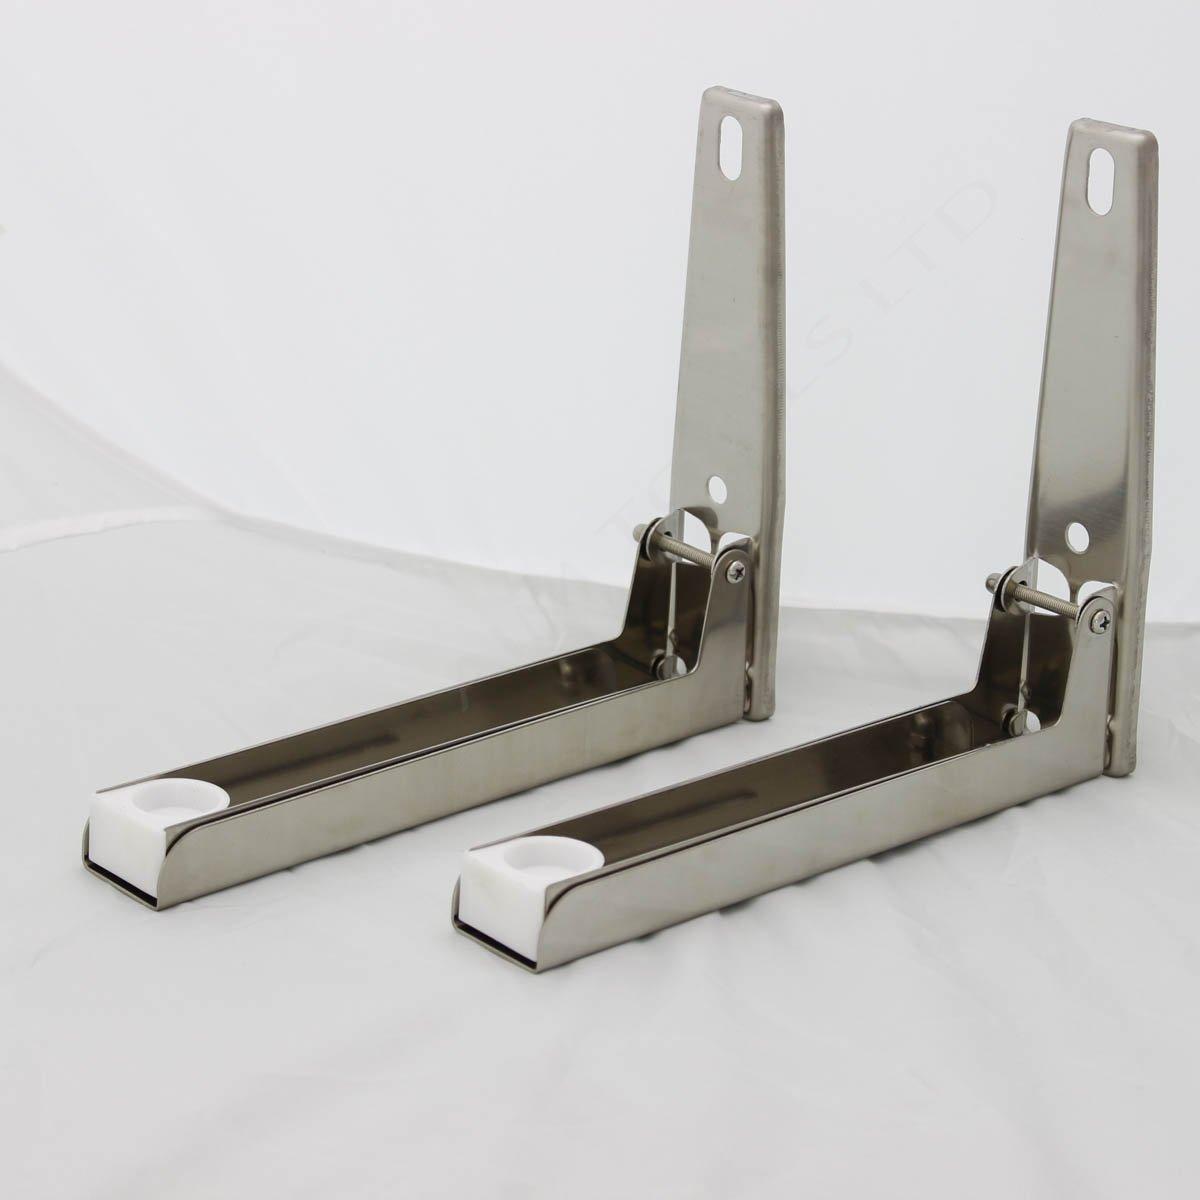 507251 soporte para microondas cocina bandeja de horno ngulo soporte marco de acero inoxidable - Soportes para microondas ...